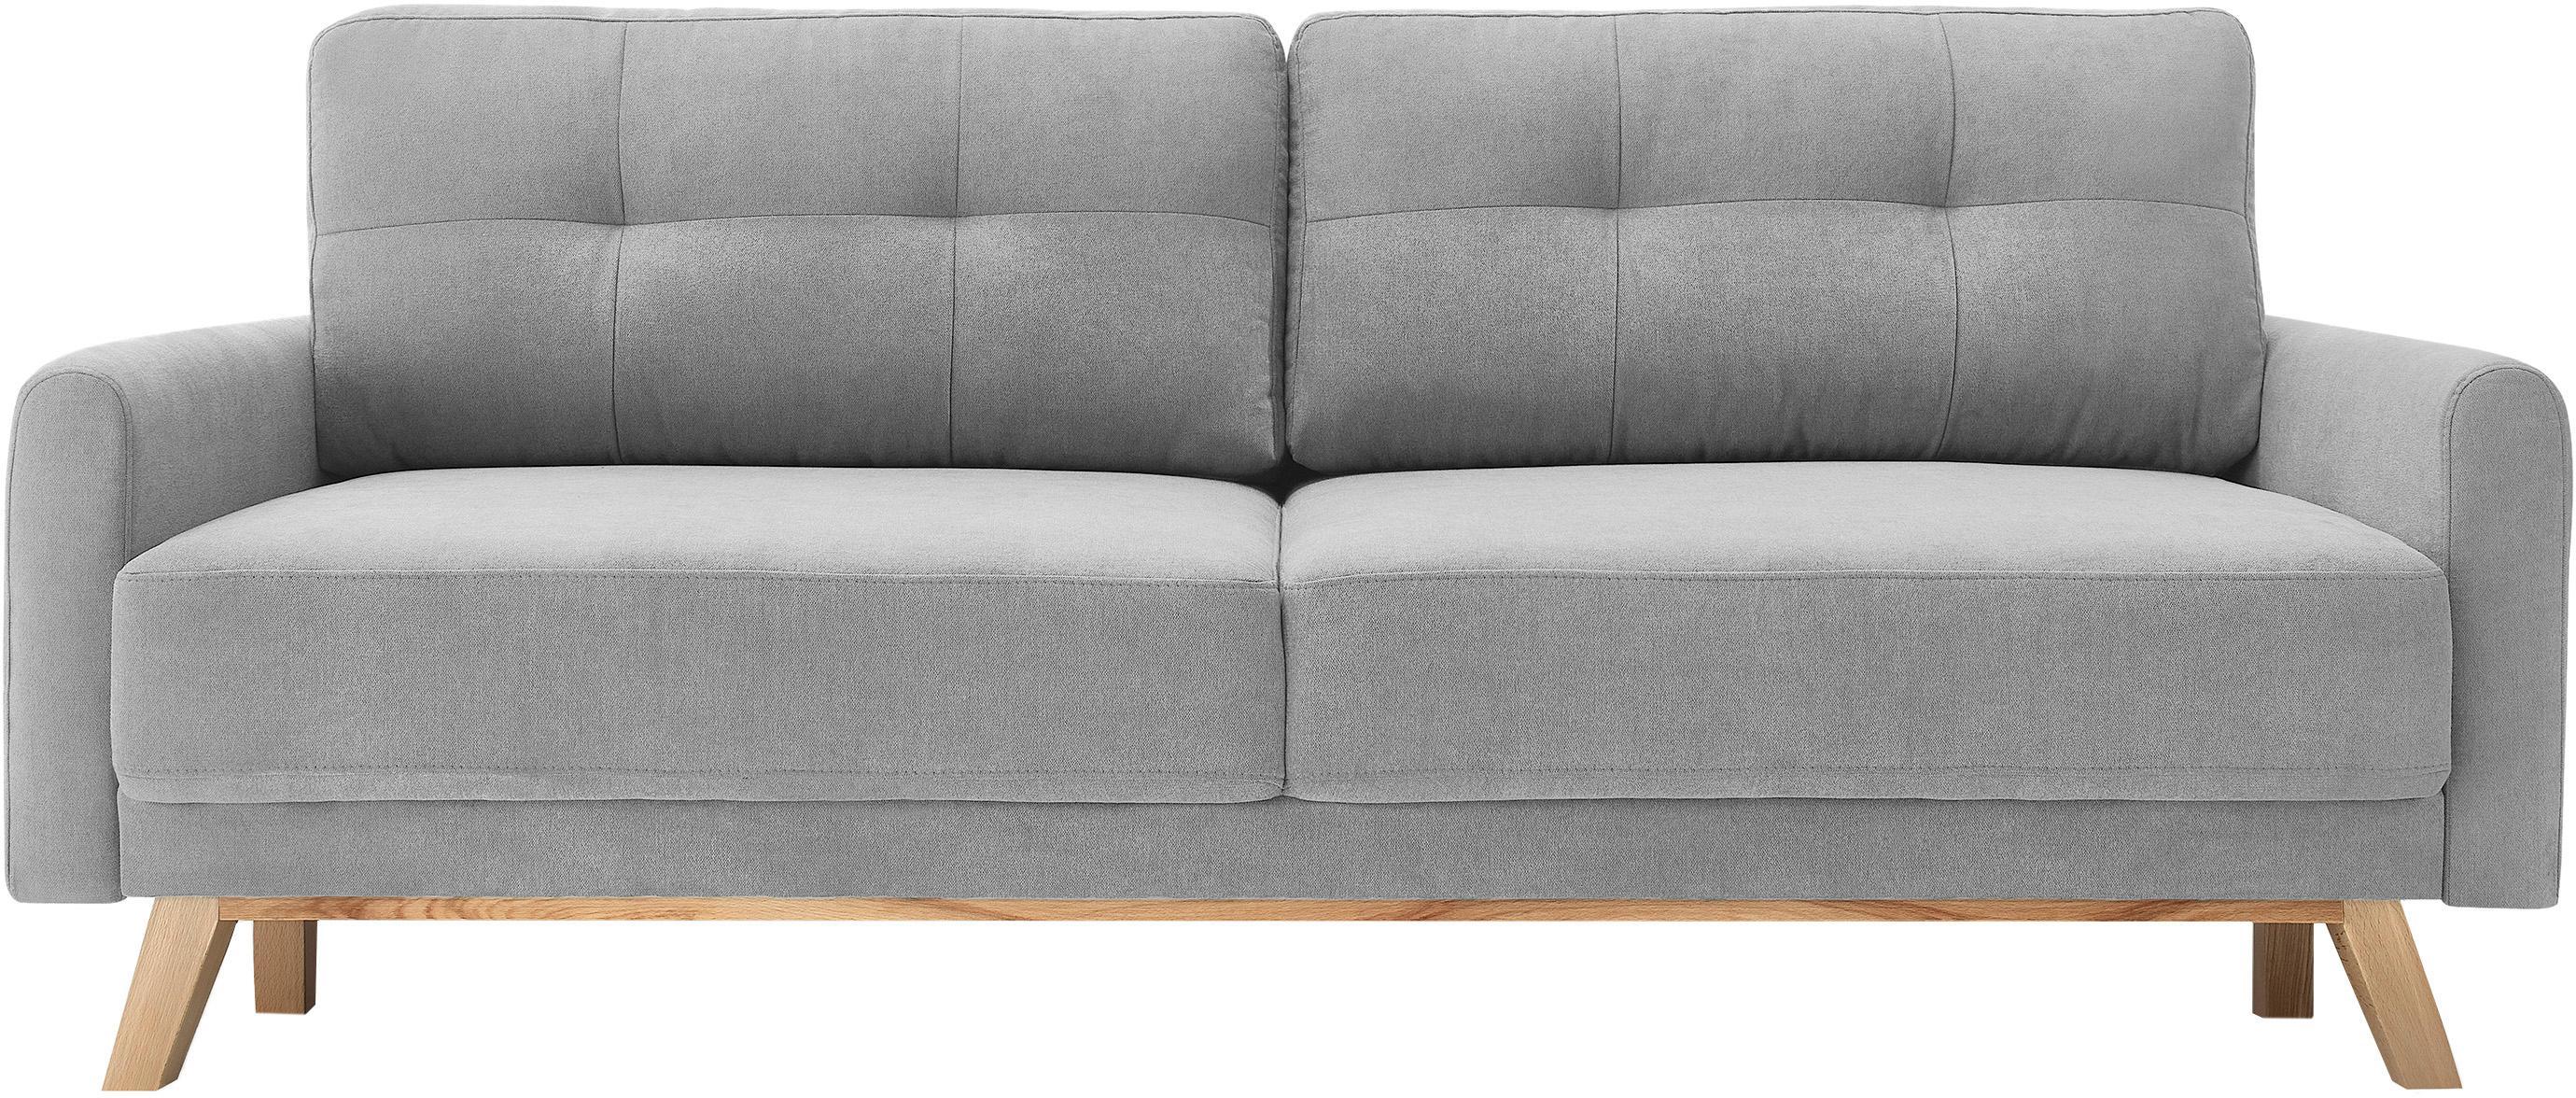 Samt-Schlafsofa Balio (3-Sitzer), Bezug: 100% Polyestersamt, Füße: Metall, lackiert, Rahmen: Massivholz und Spanplatte, Samt Hellgrau, B 216 x T 102 cm